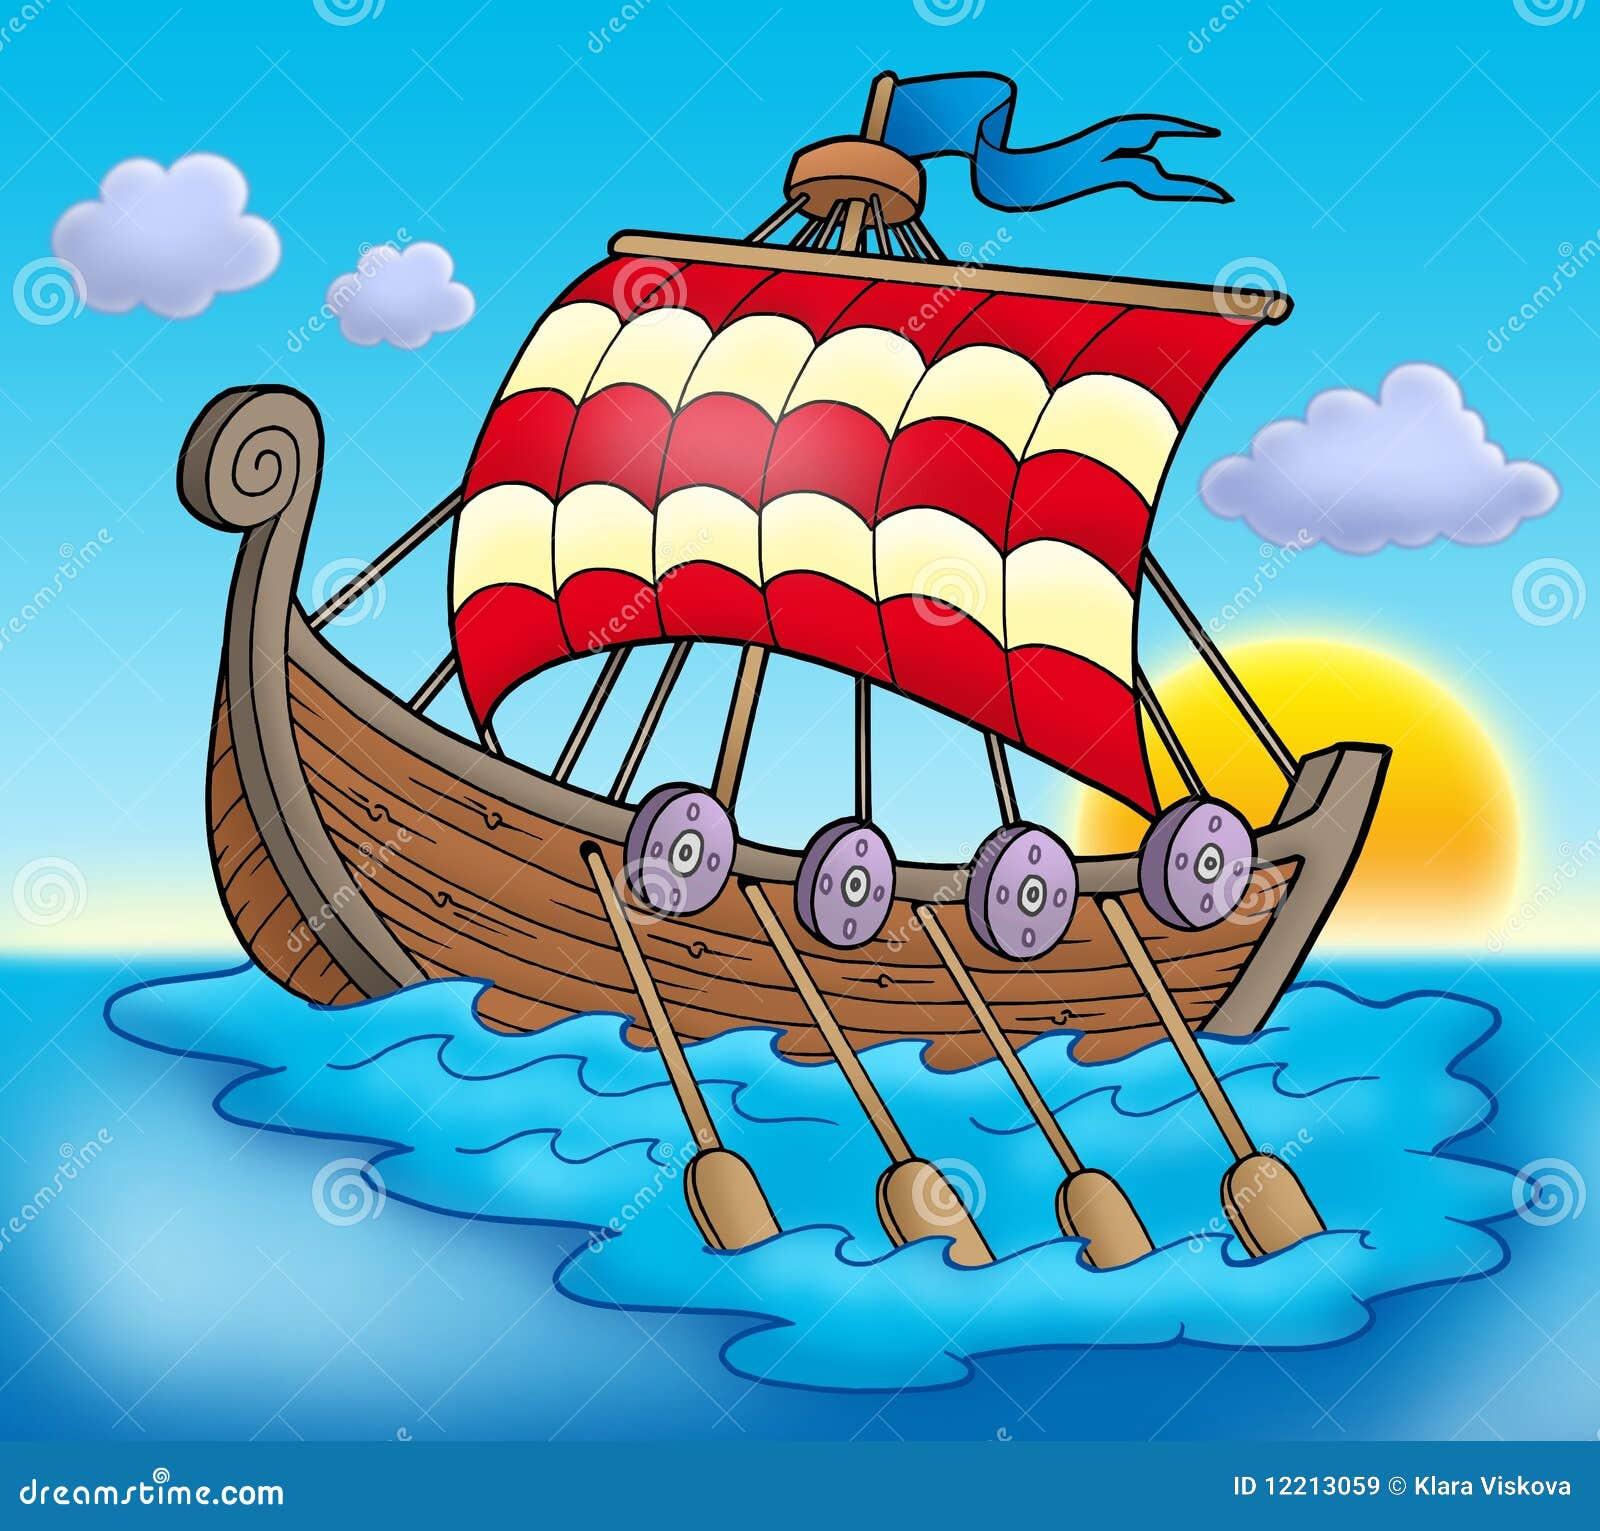 Viking boat on sea